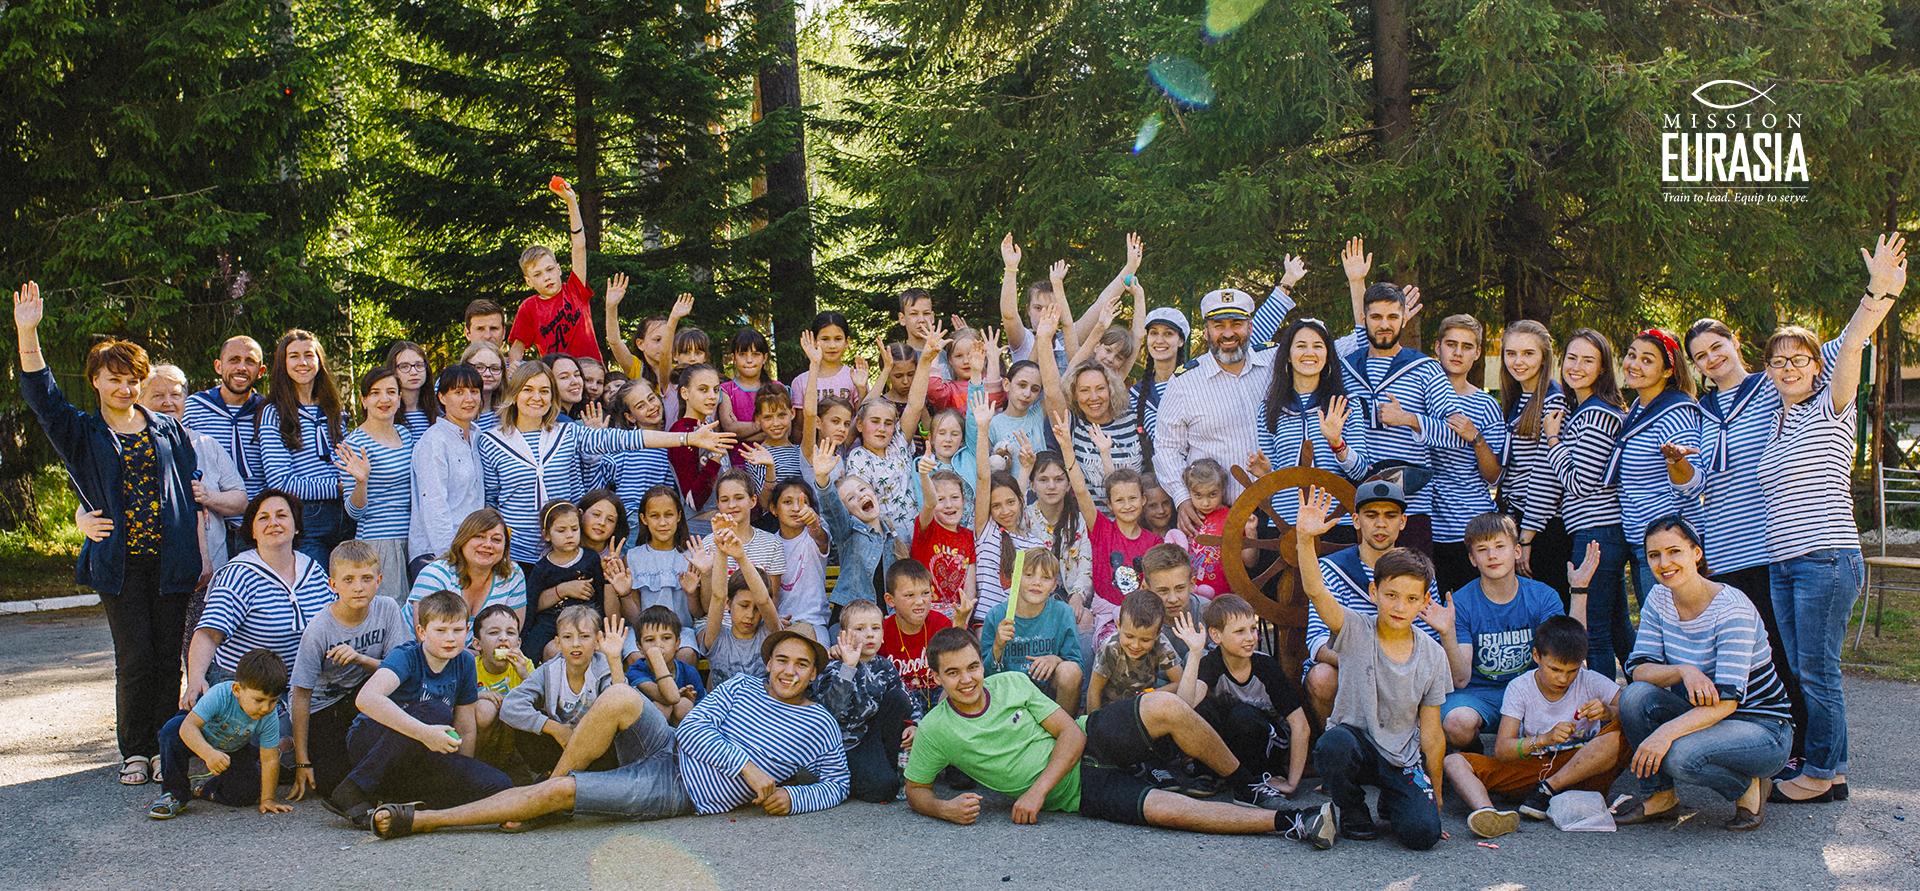 Библейский лагерь, в котором происходят позитивные духовные перемены в жизни детей